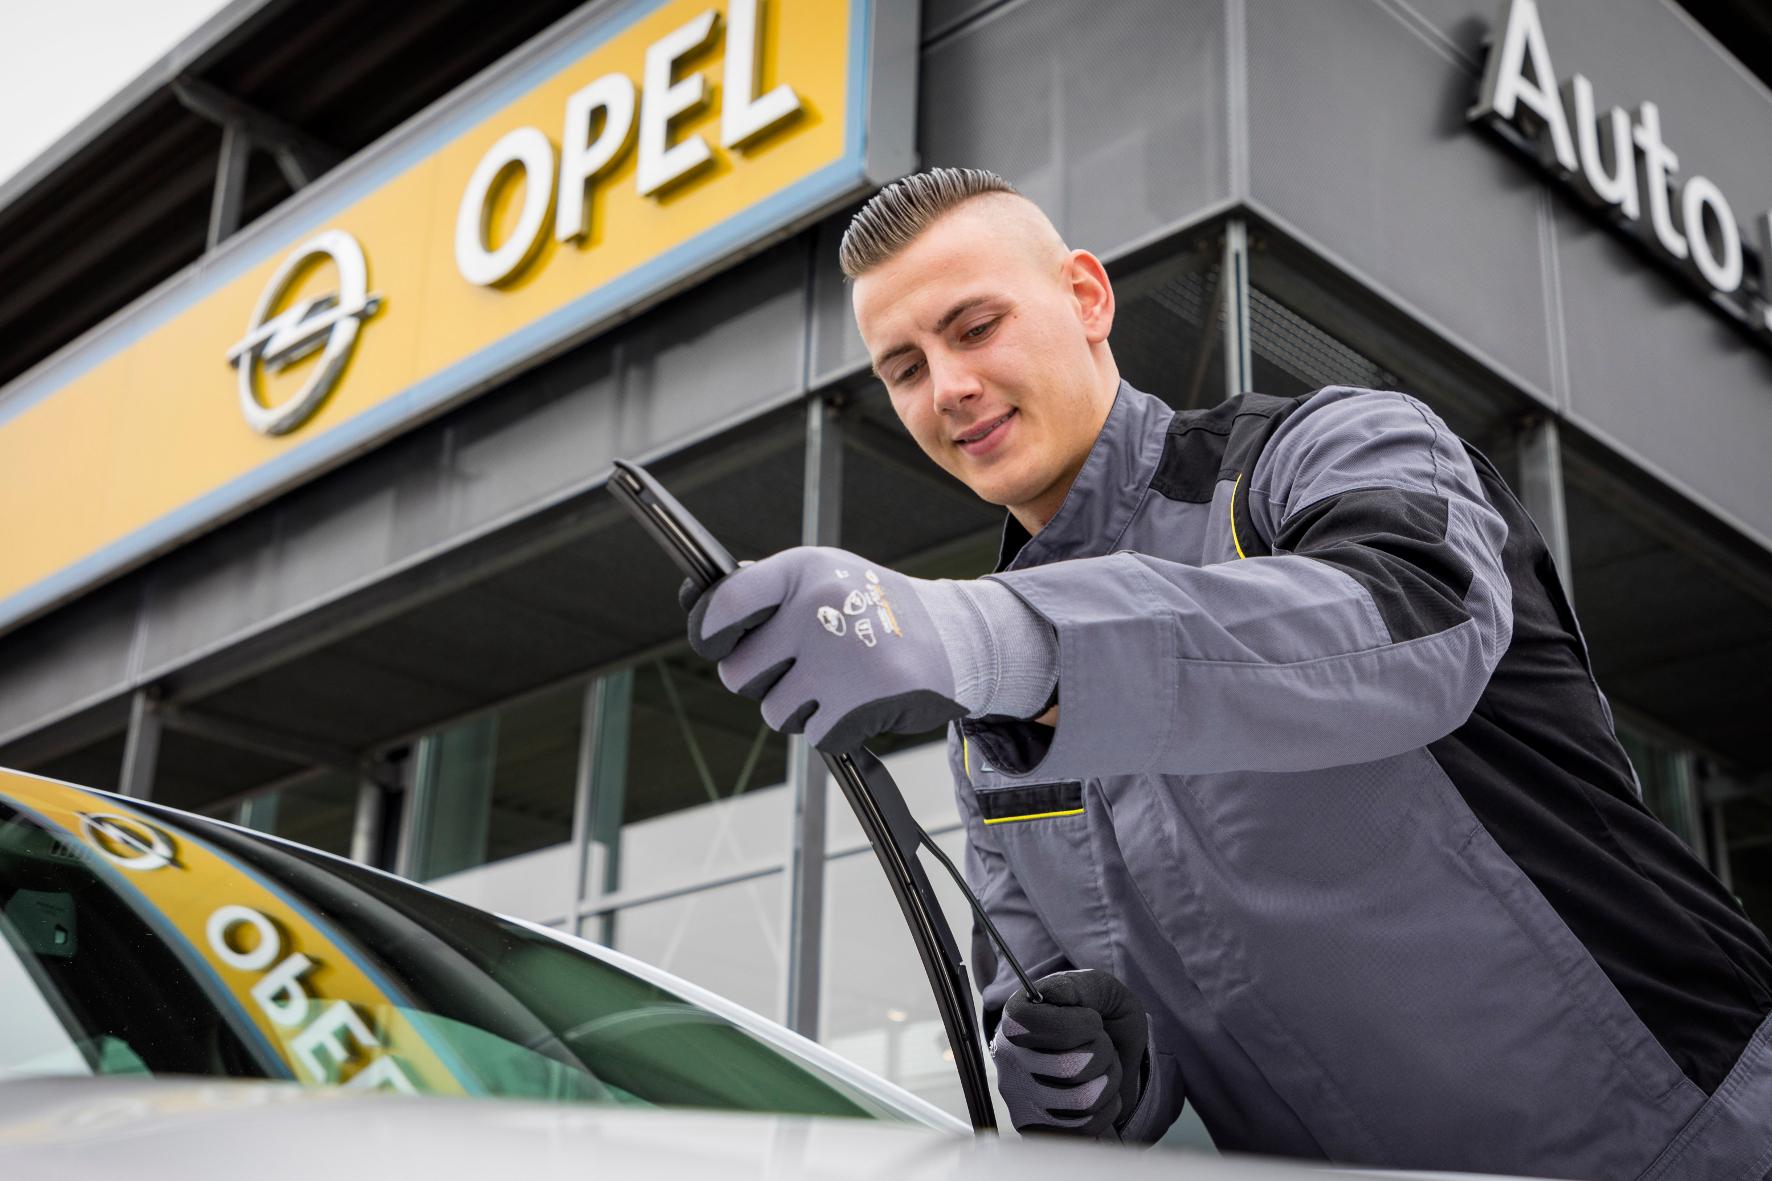 mid Groß-Gerau - Kontrolliert werden auch die Wischerblätter, so dass der Fahrer auch bei einem Gewitter noch den vollen Durchblick behält. Opel